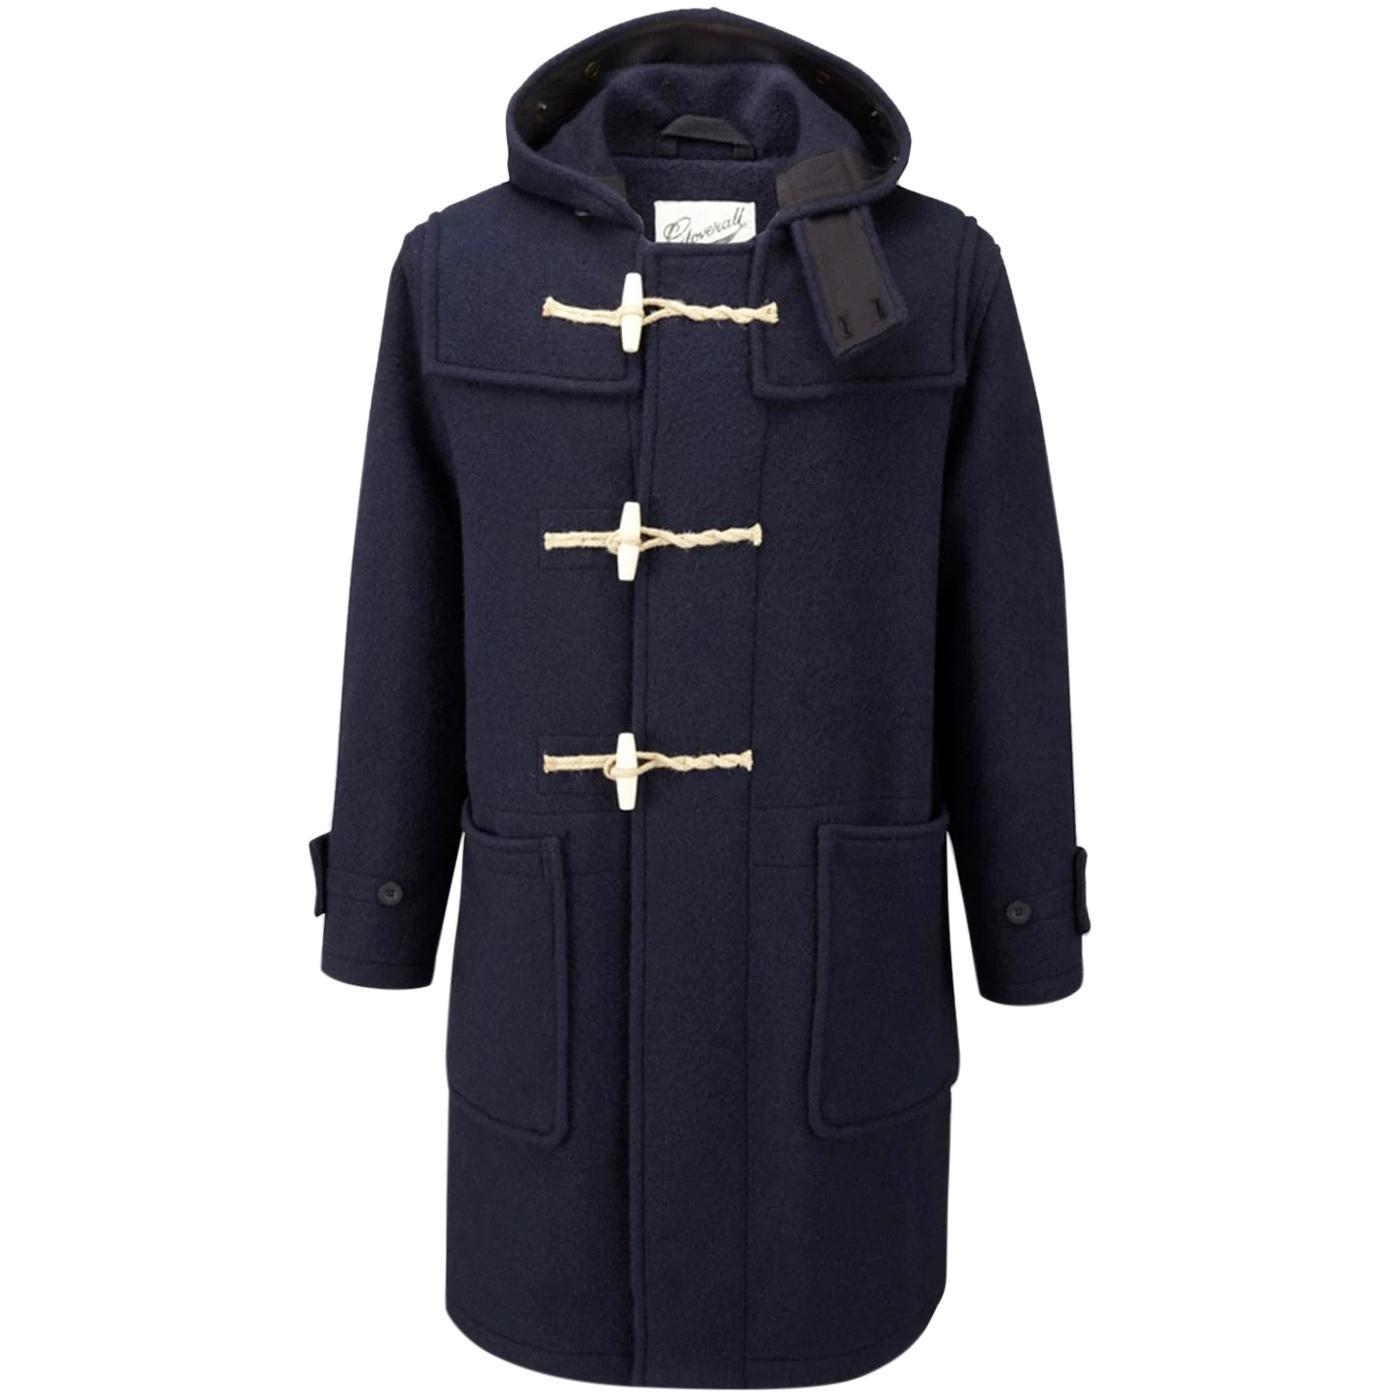 Original Monty GLOVERALL British Duffle Coat NAVY